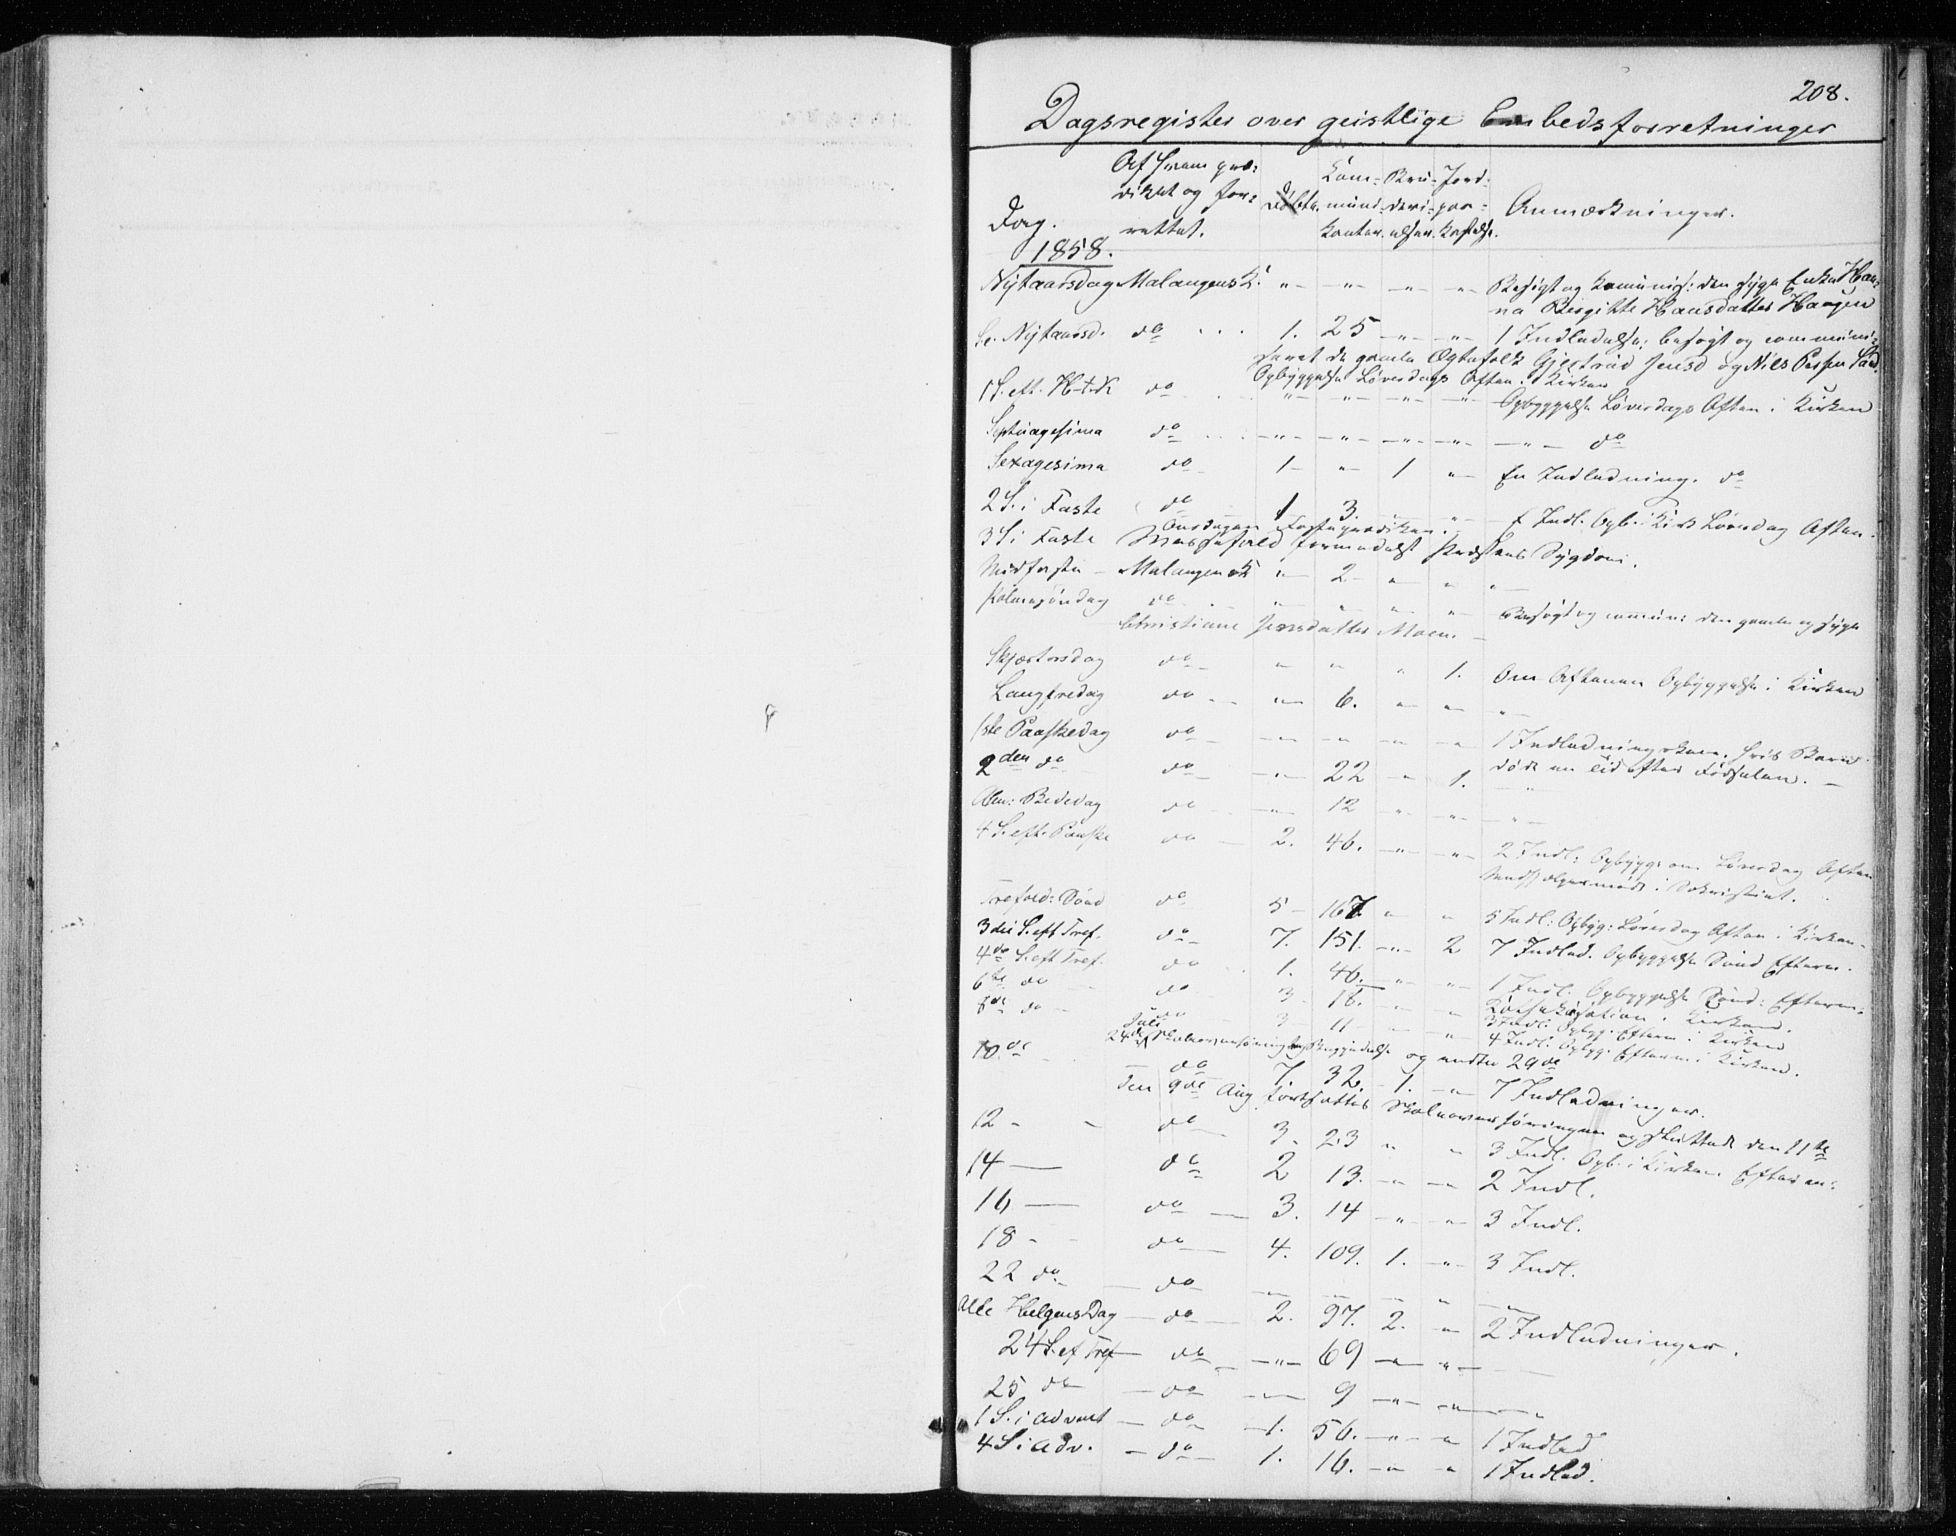 SATØ, Balsfjord sokneprestembete, Ministerialbok nr. 1, 1858-1870, s. 208